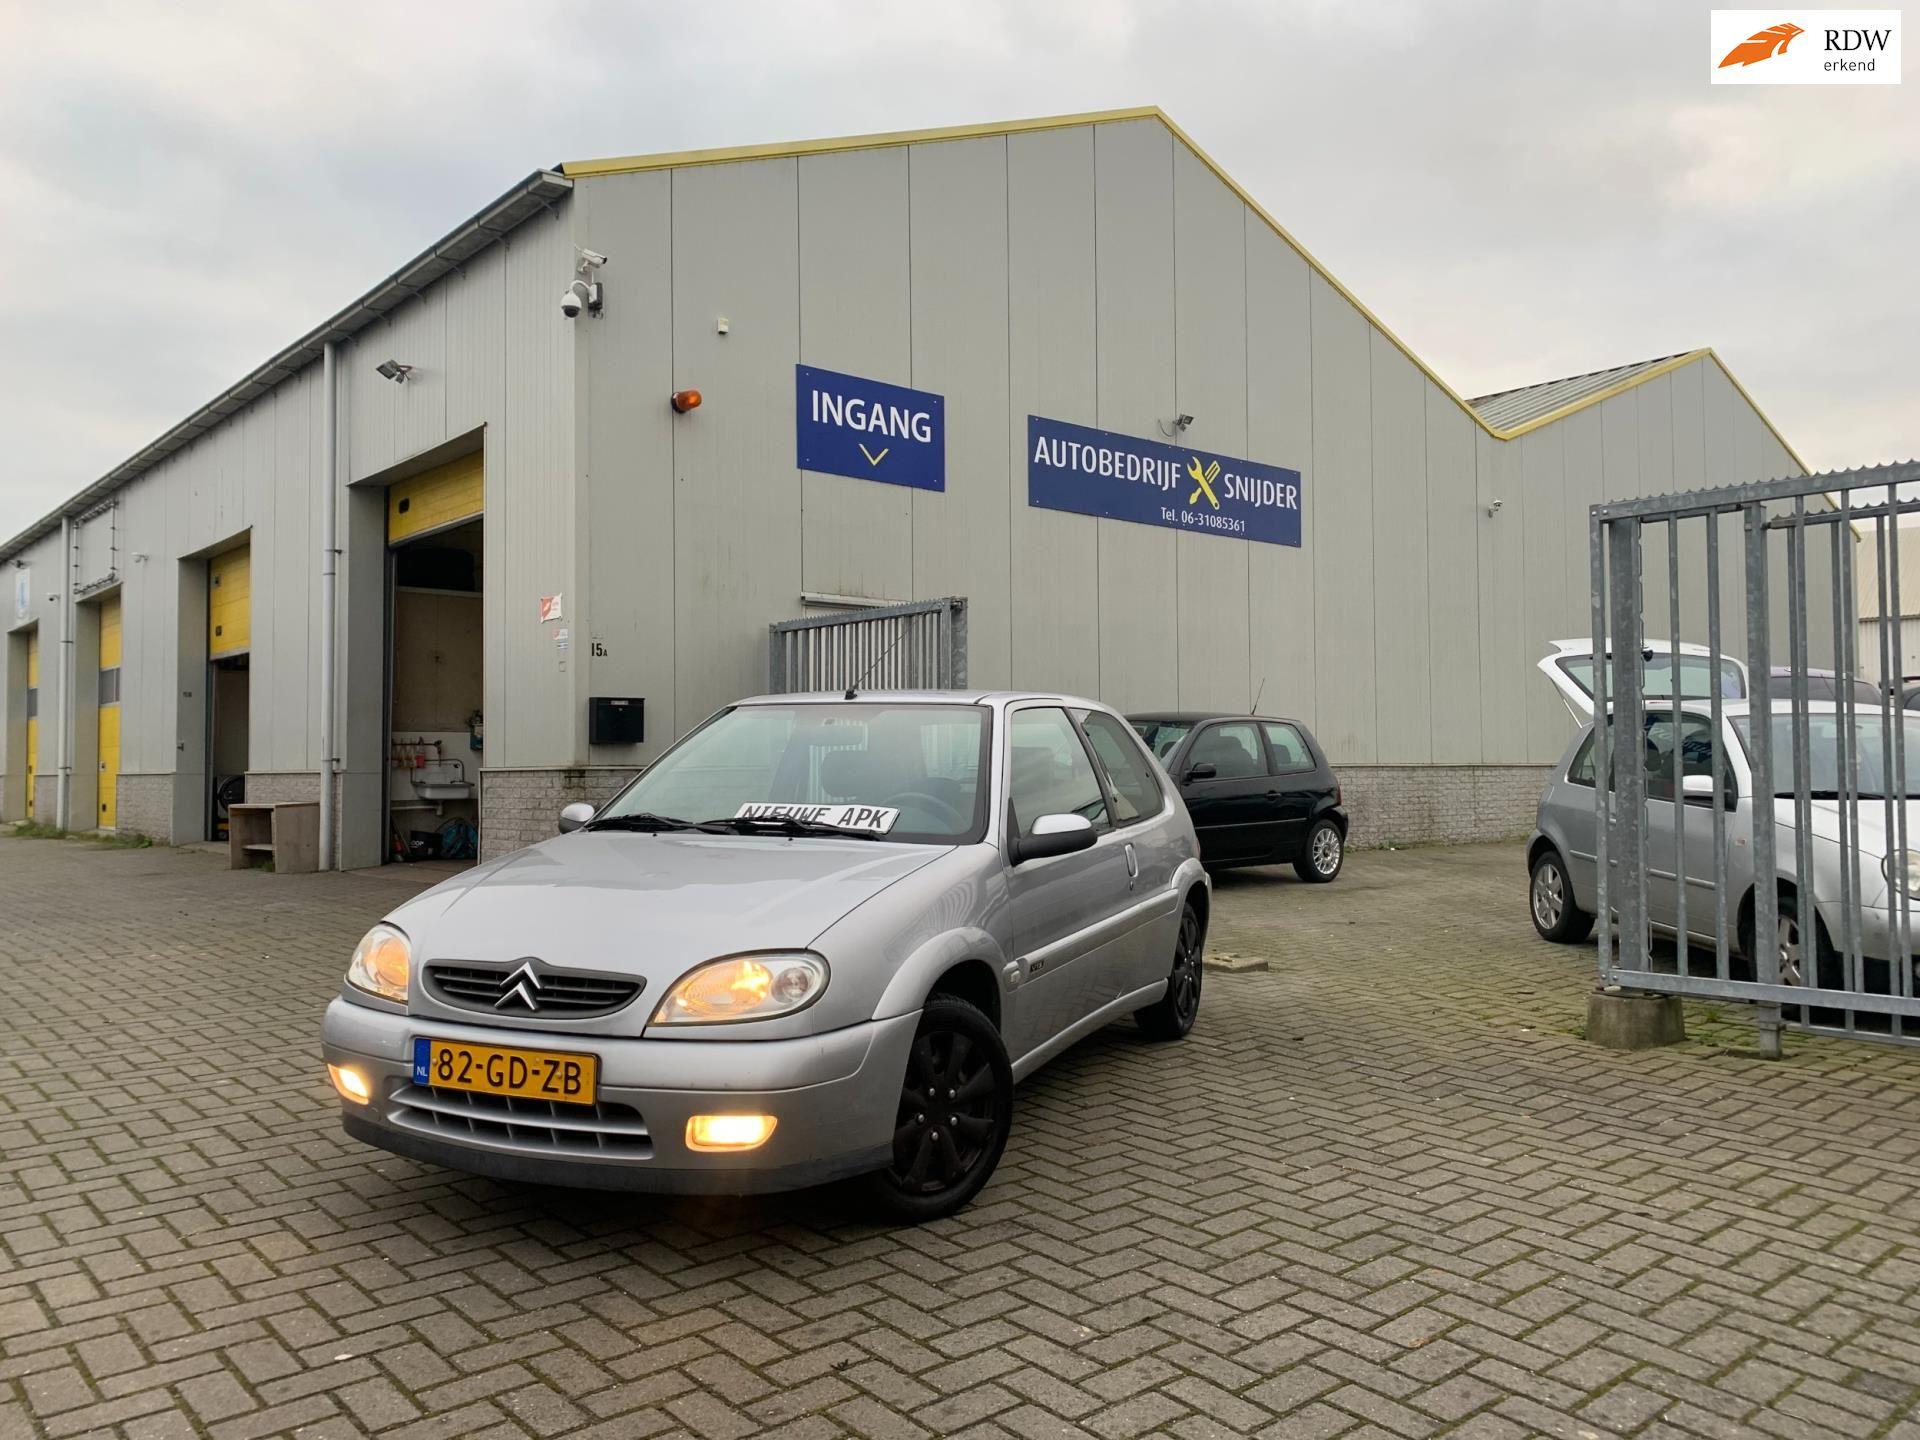 Citroen Saxo occasion - Autobedrijf Snijder